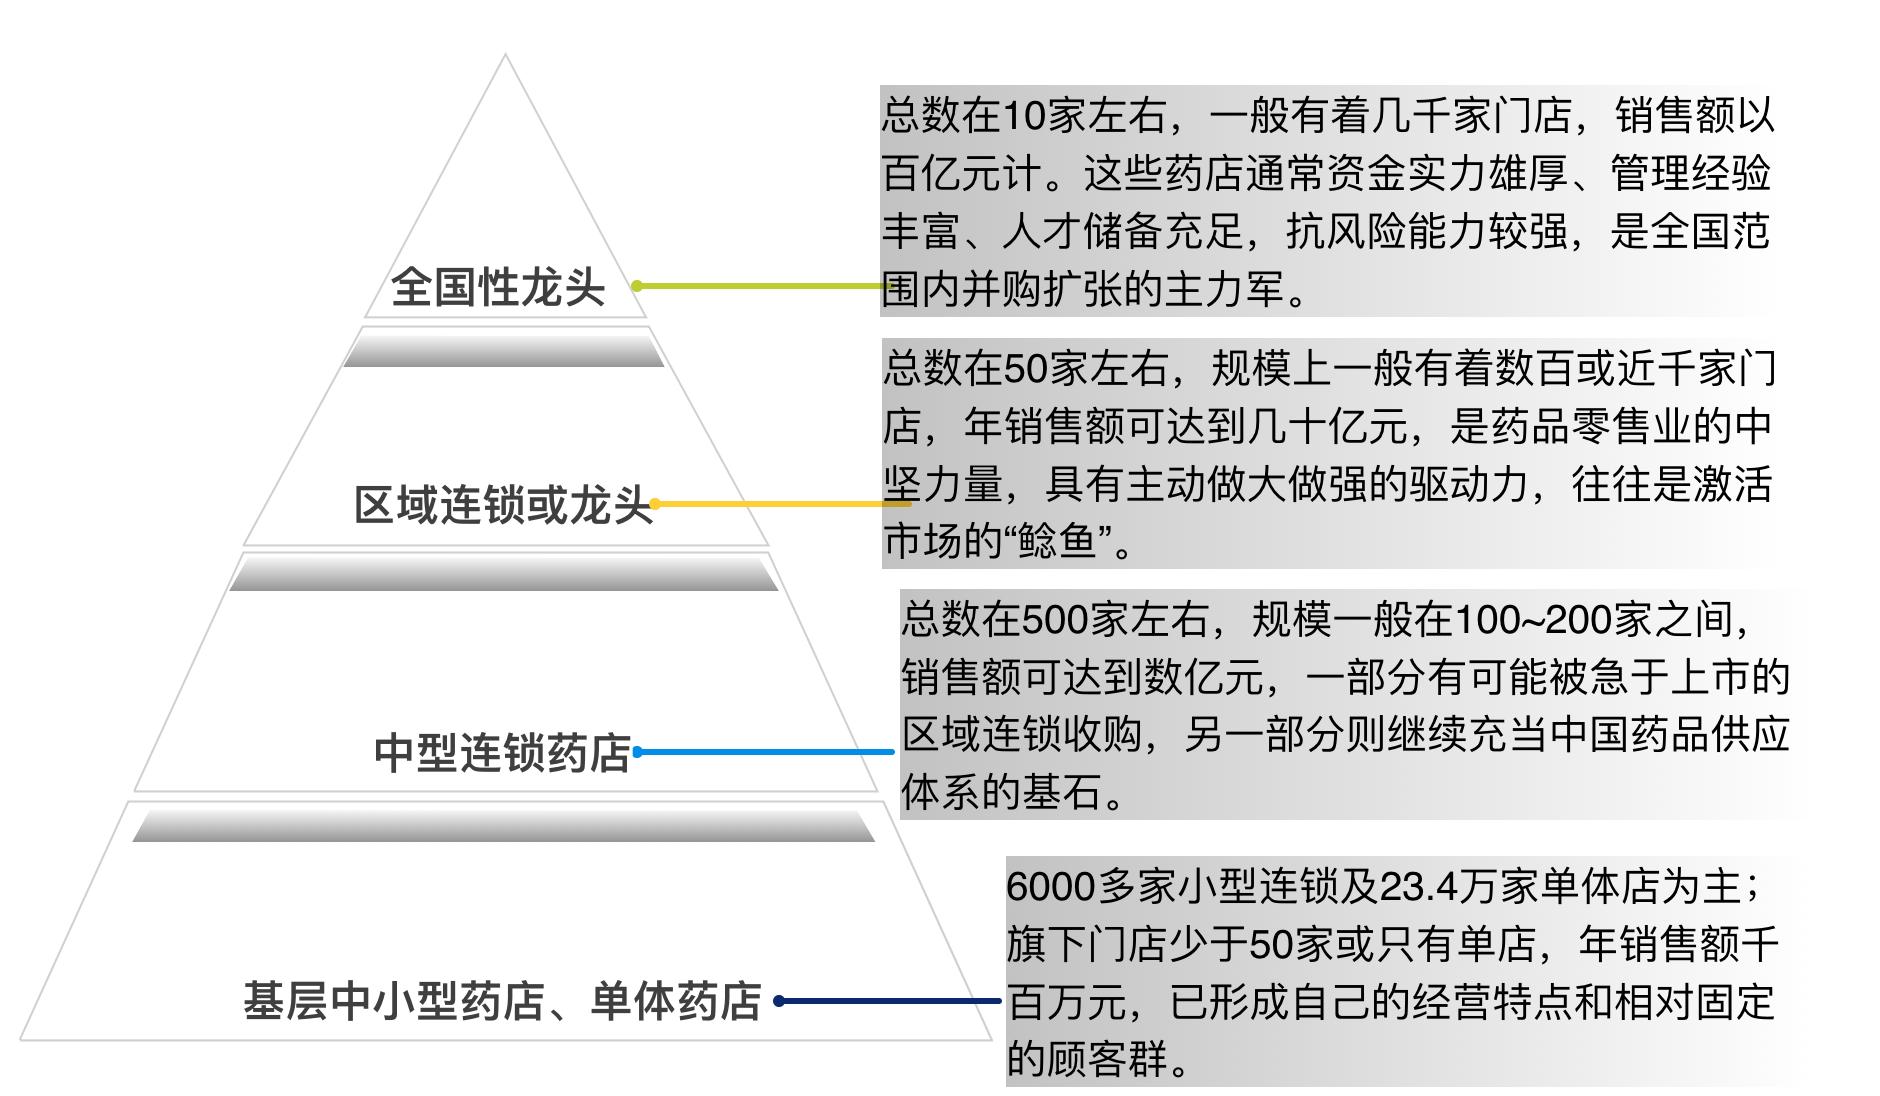 中国零售药店市场竞争格局(根据《中国药店》数据整理,36氪制图)